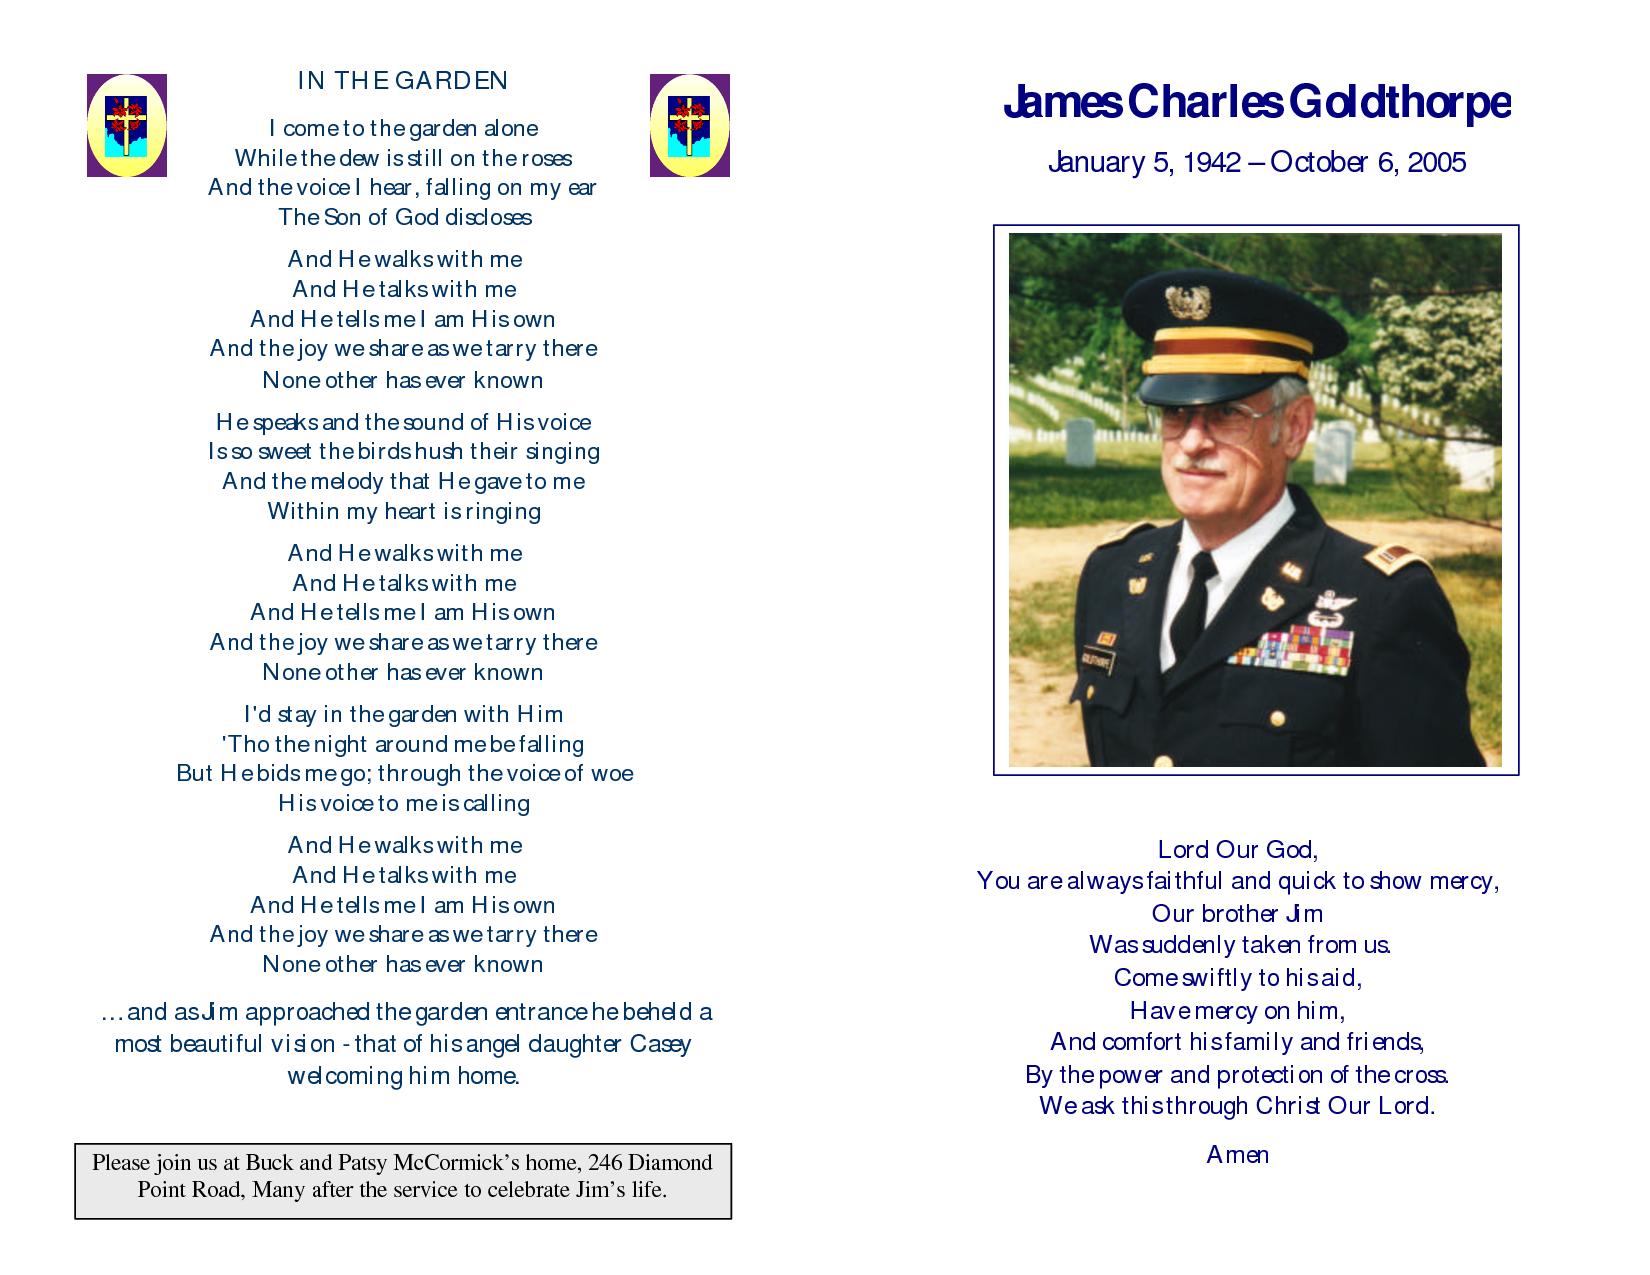 memorial service programs sample | Memorial Service Program for ...